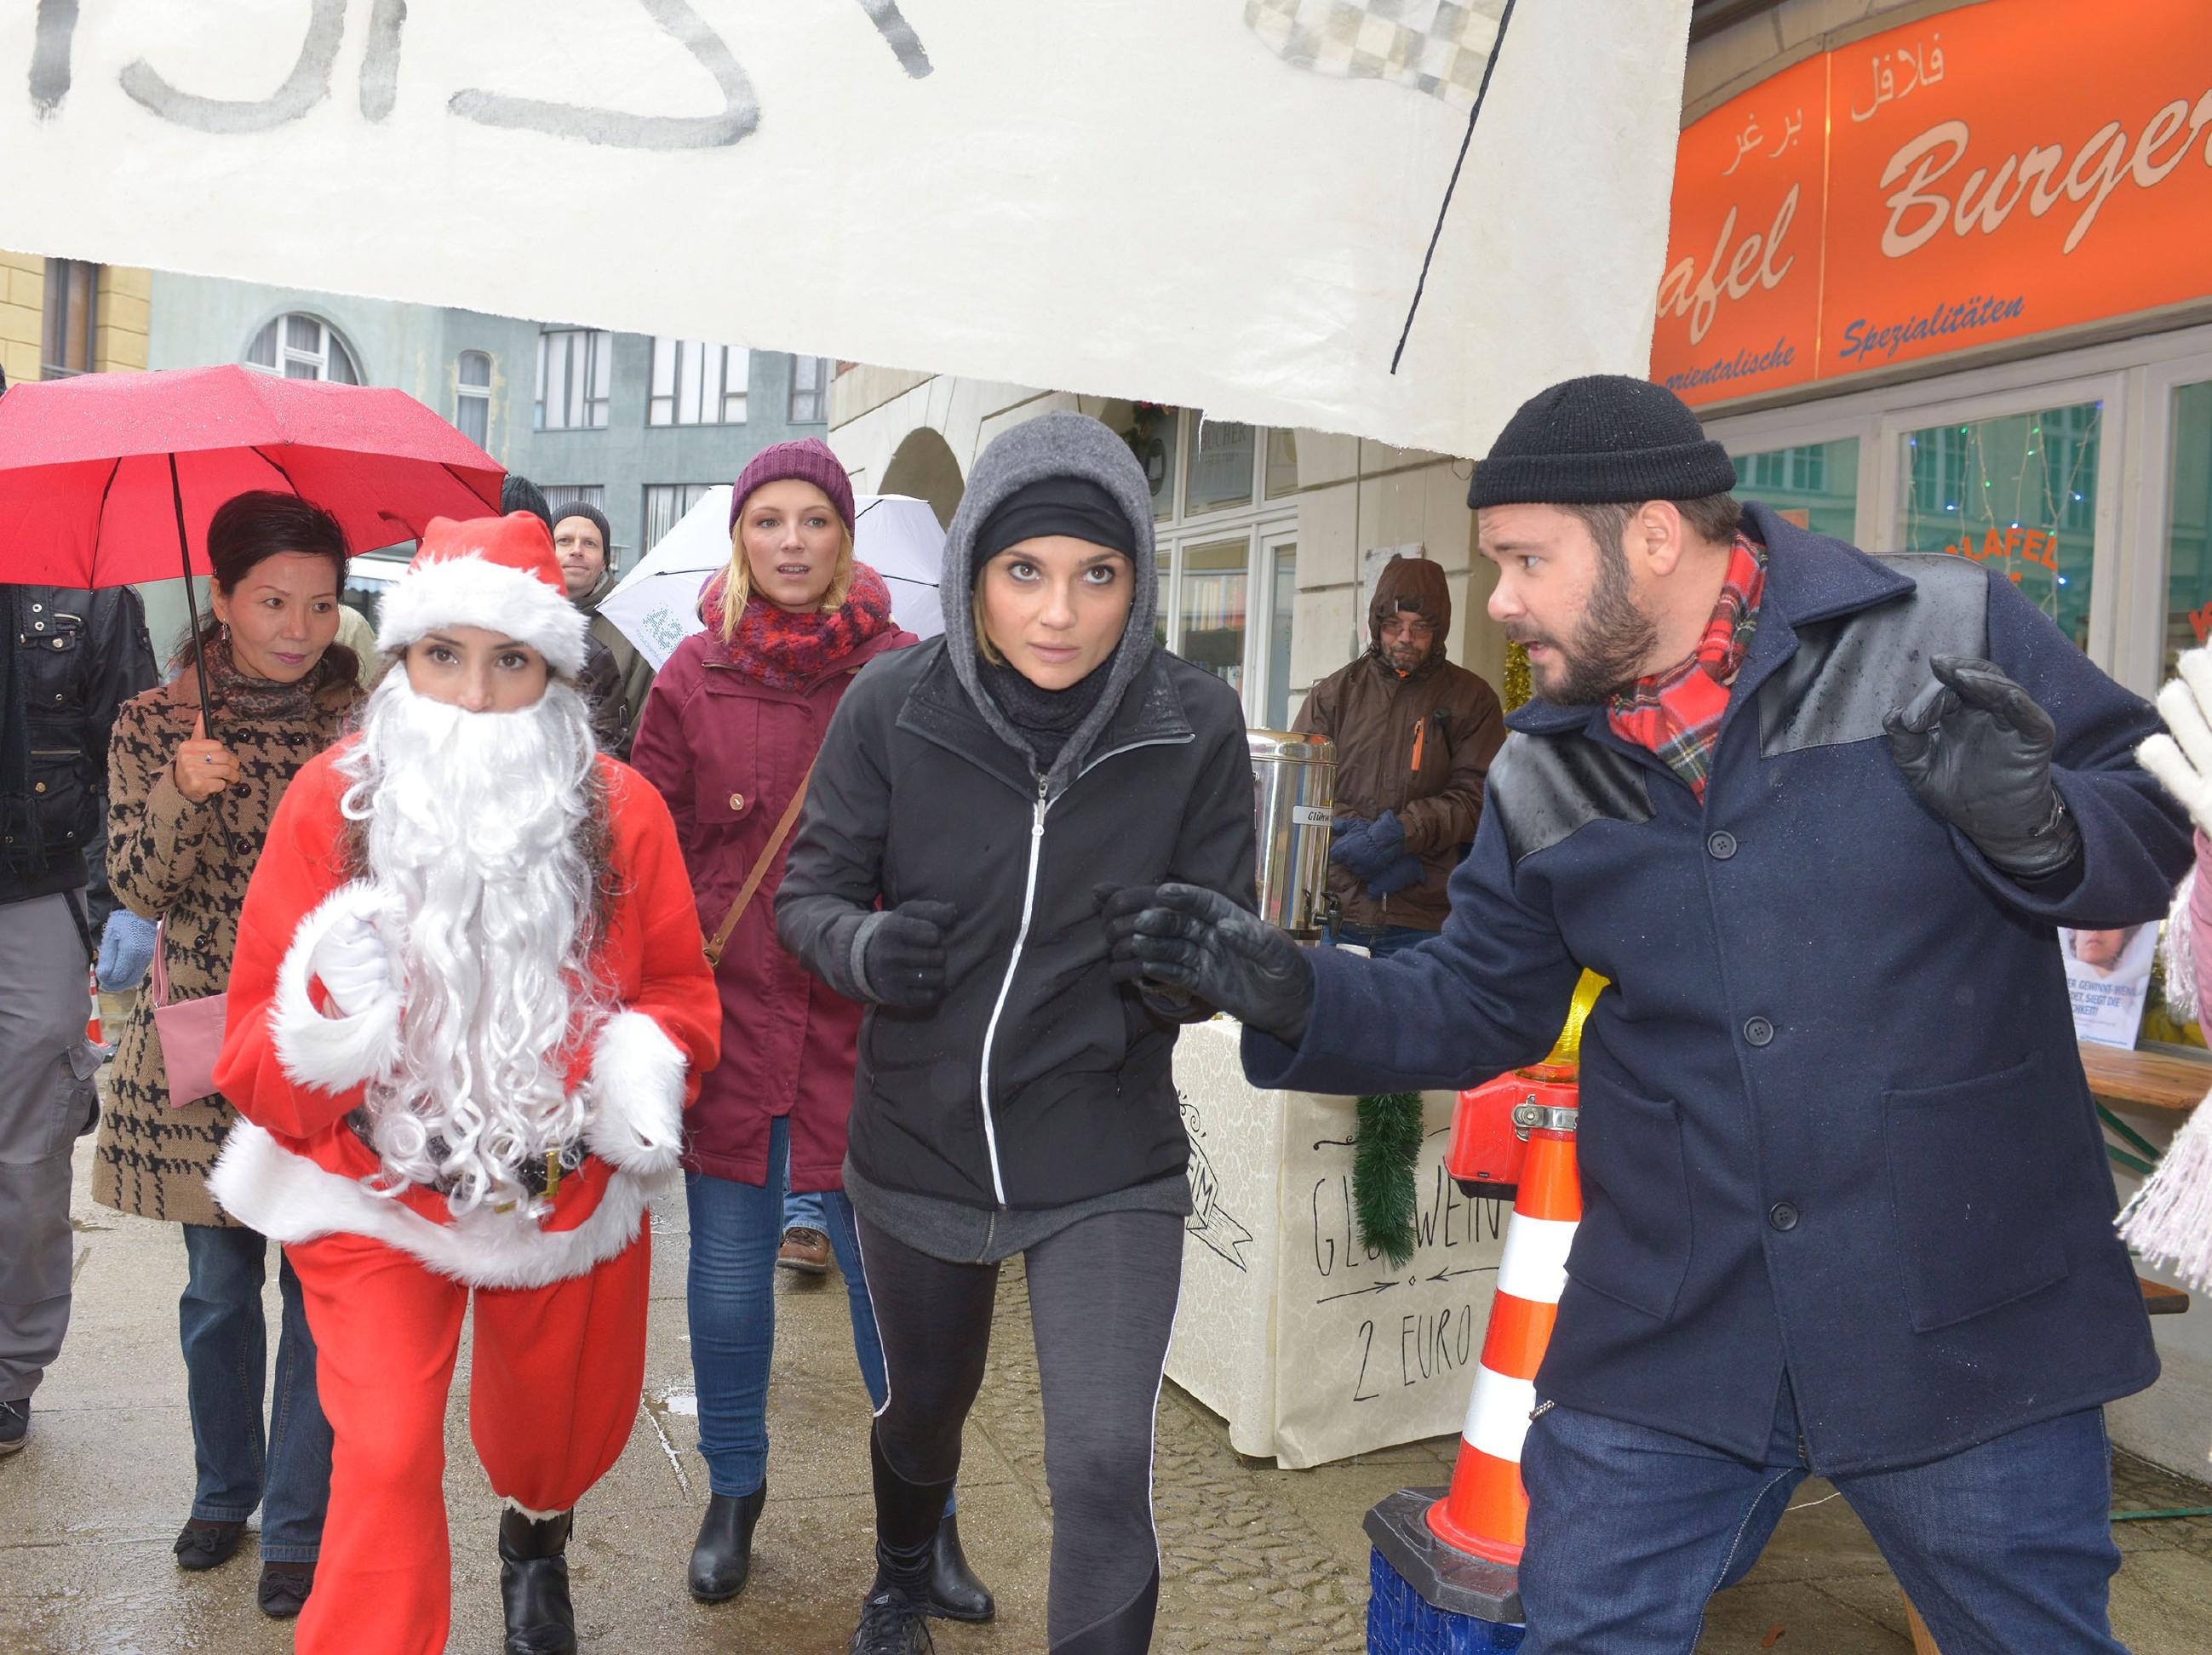 Tuner (Thomas Drechsel, r.) startet das Wettrennen zwischen Anni (Linda Marlen Runge, M.) und Ayla (Nadine Menz, l.) im Weihnachtsmannkostüm, aus dem Lilly (Iris Mareike Steen) einen Spendenlauf für ihre Sozialstation gemacht hat. (Quelle: RTL / Rolf Baumgartner)